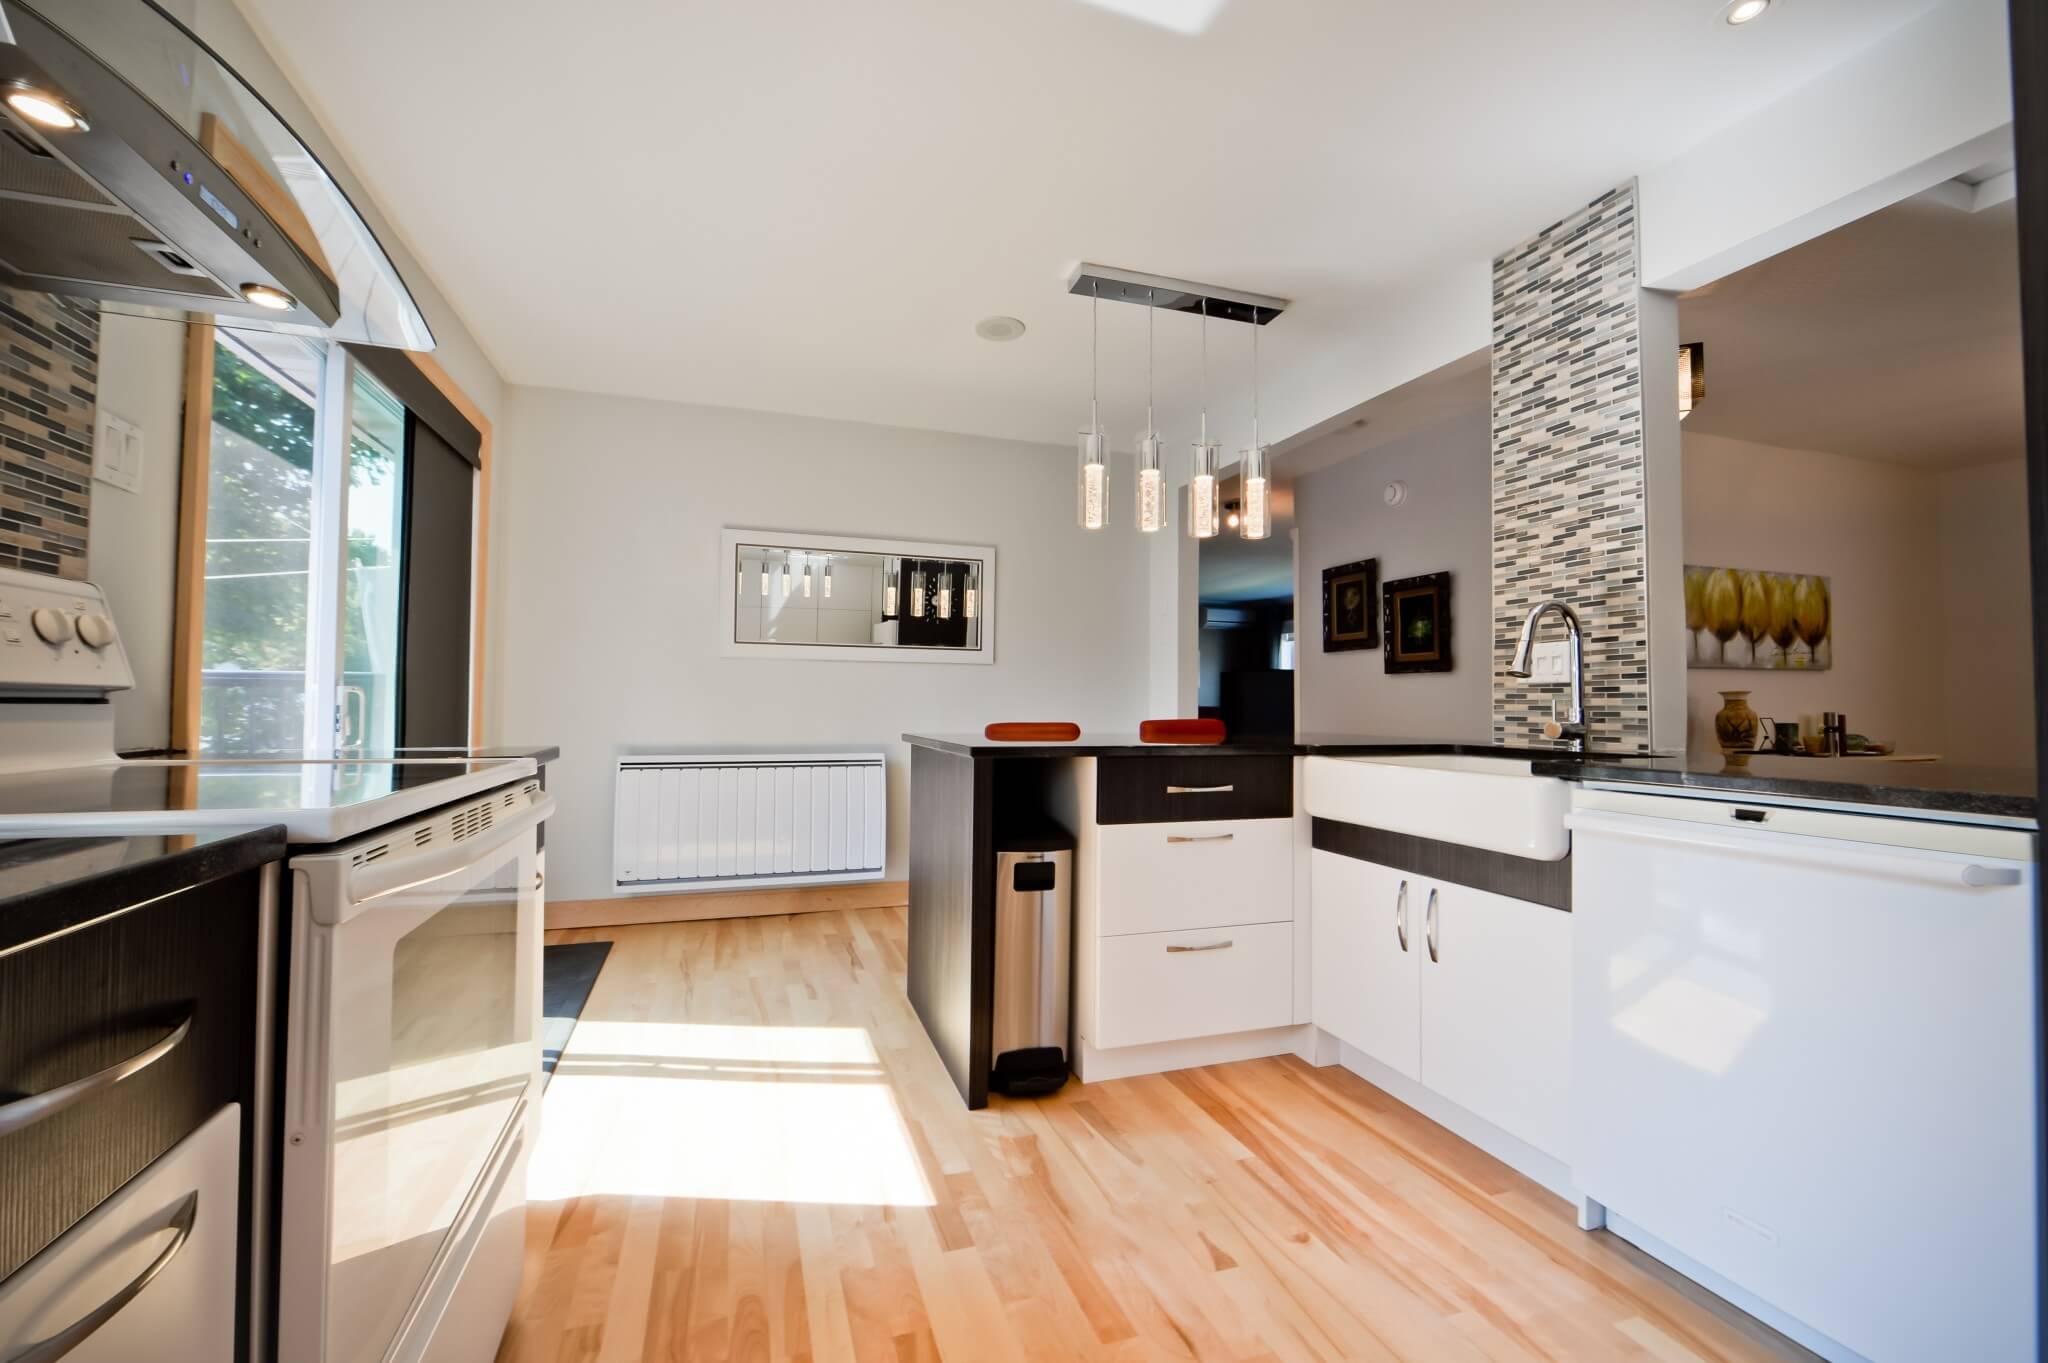 Grande cuisine ouverte planchers de bois francs